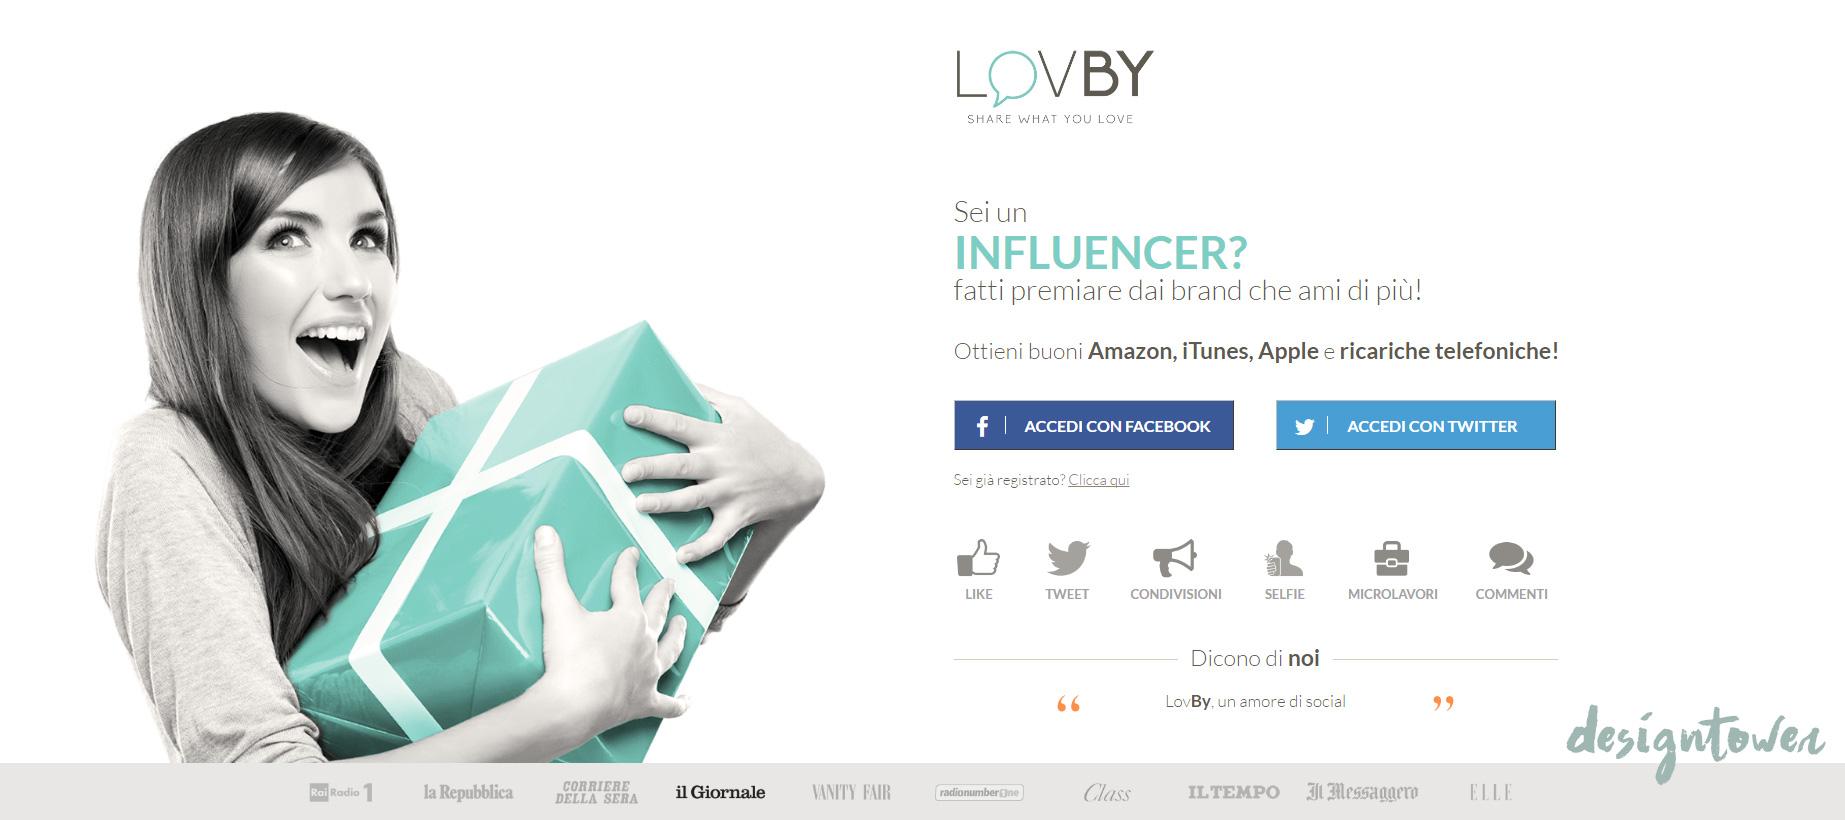 lovby-ottenere-premi-condivisioni-social.jpg